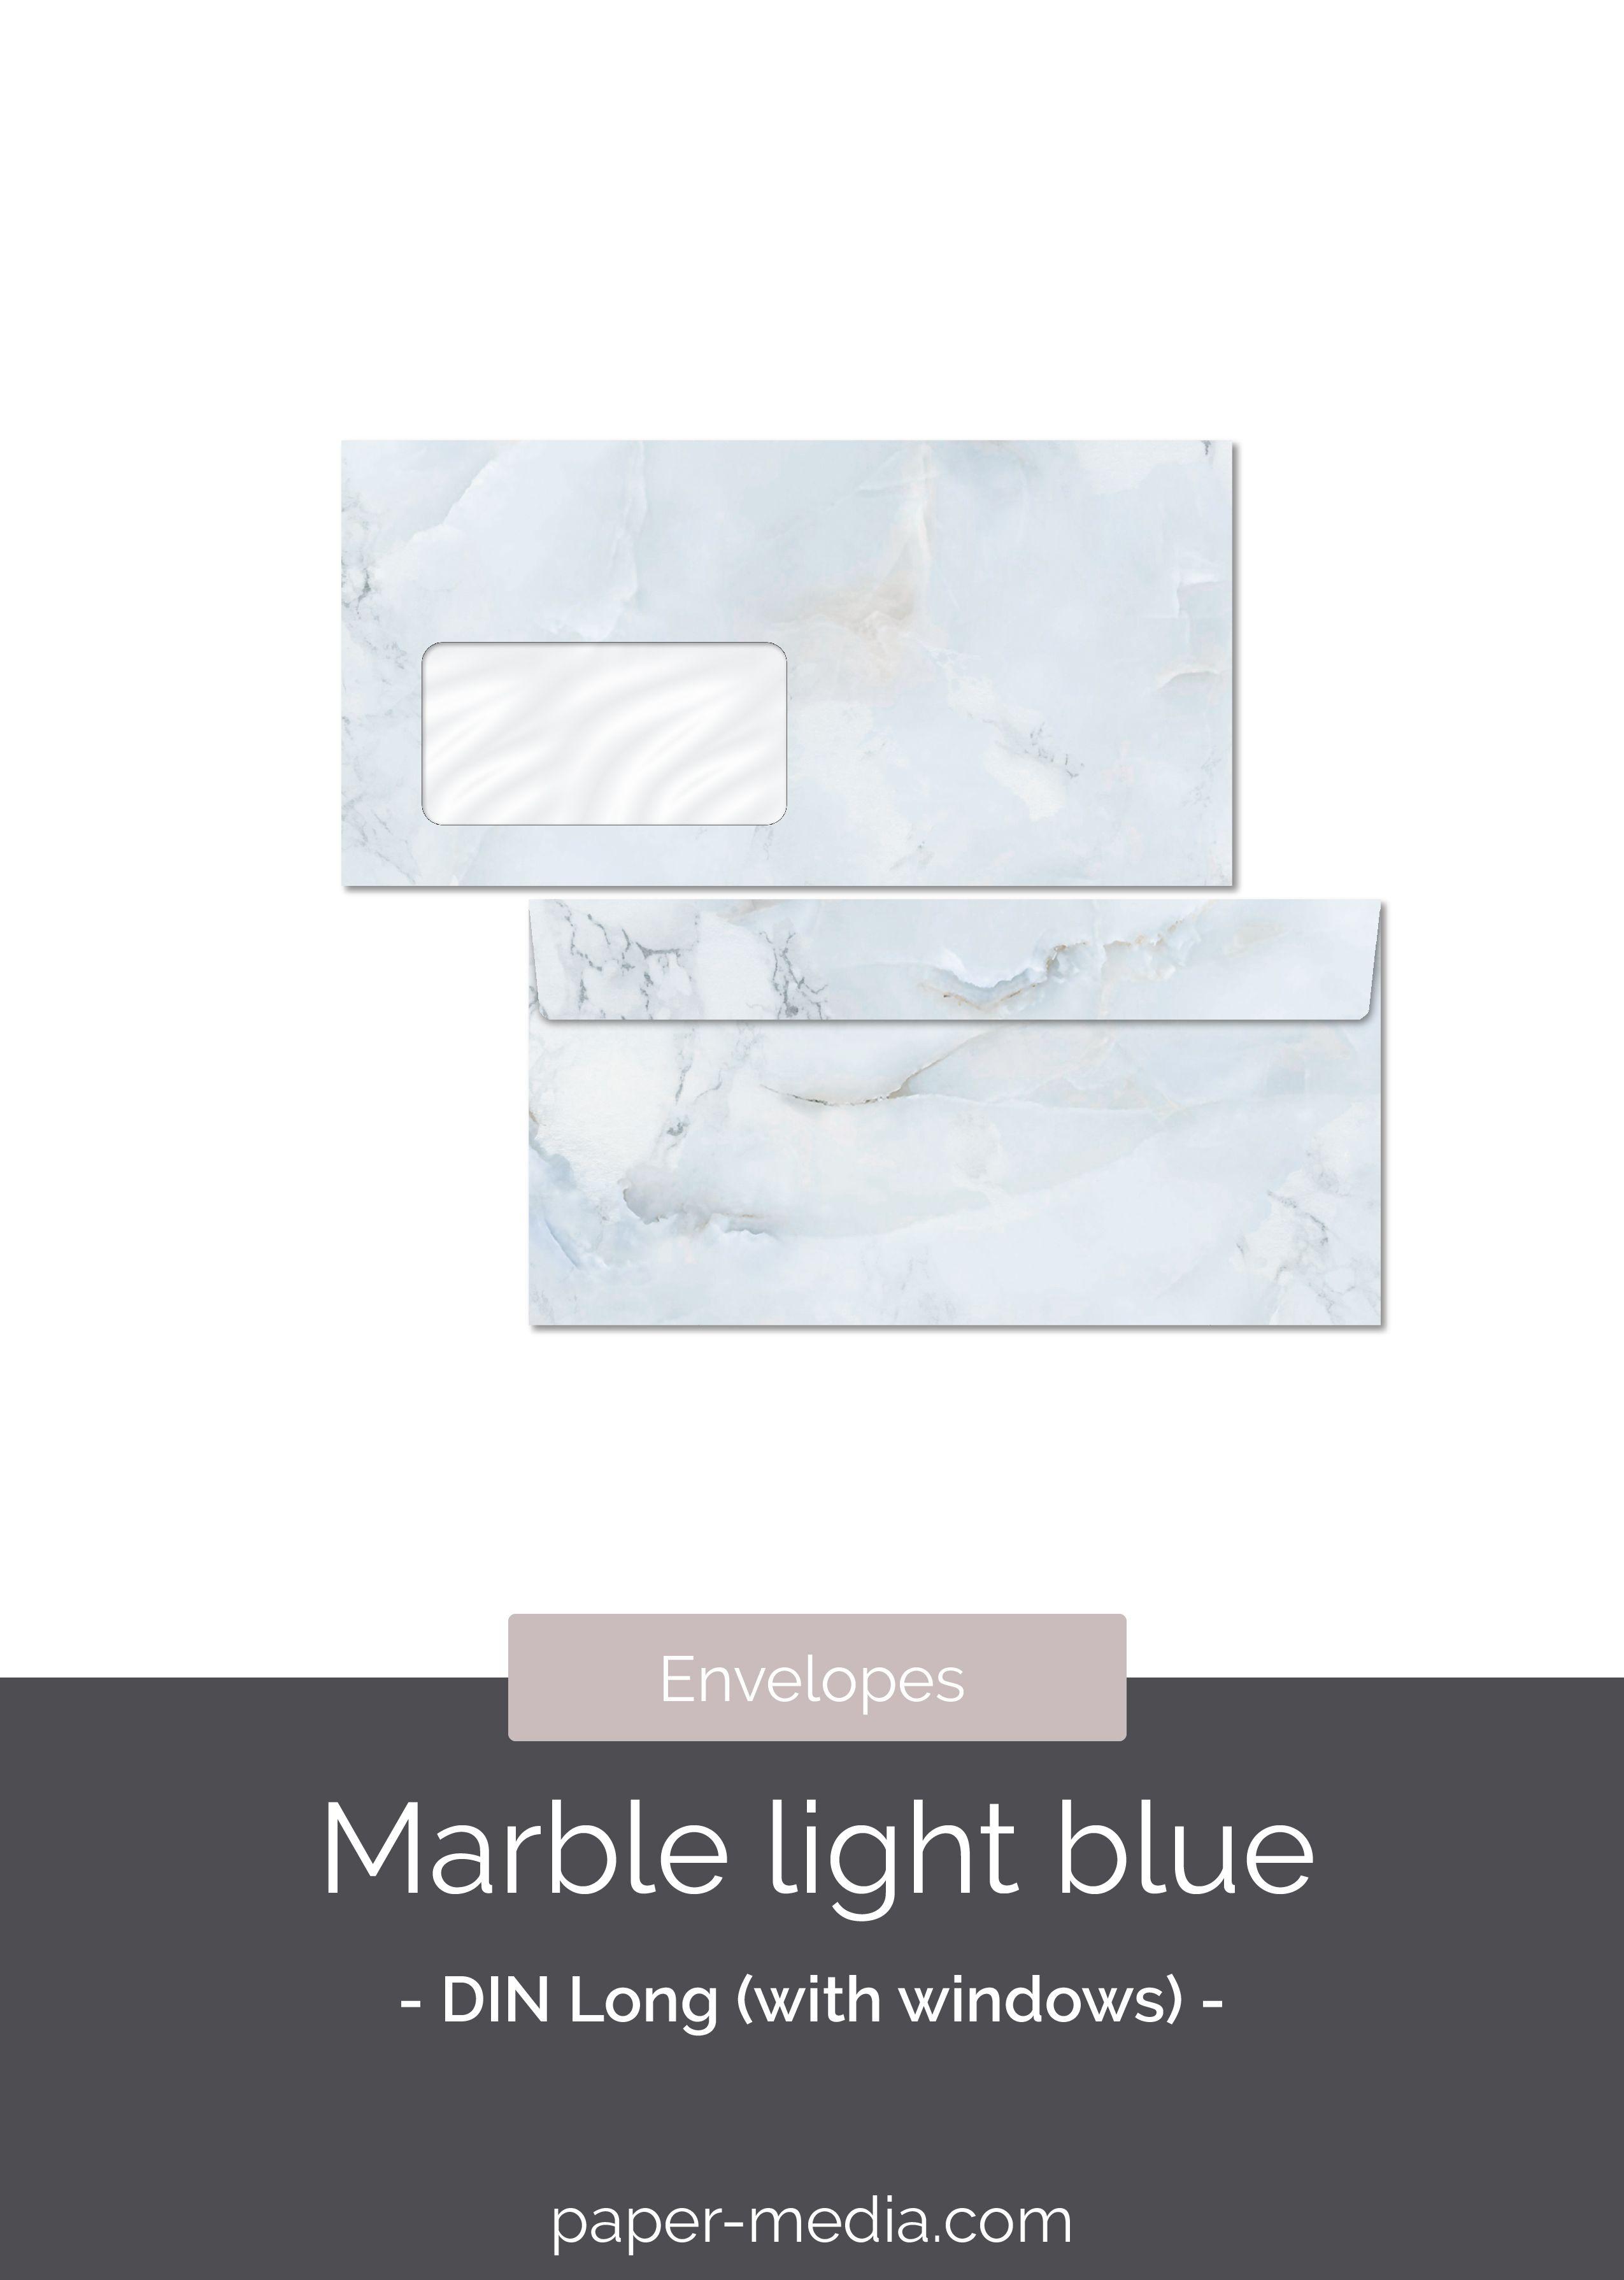 10 Patterned Envelopes Marble Light Blue In Standard Din Long Format With Windows In 2020 Schreibwaren Umschlage Briefpapier